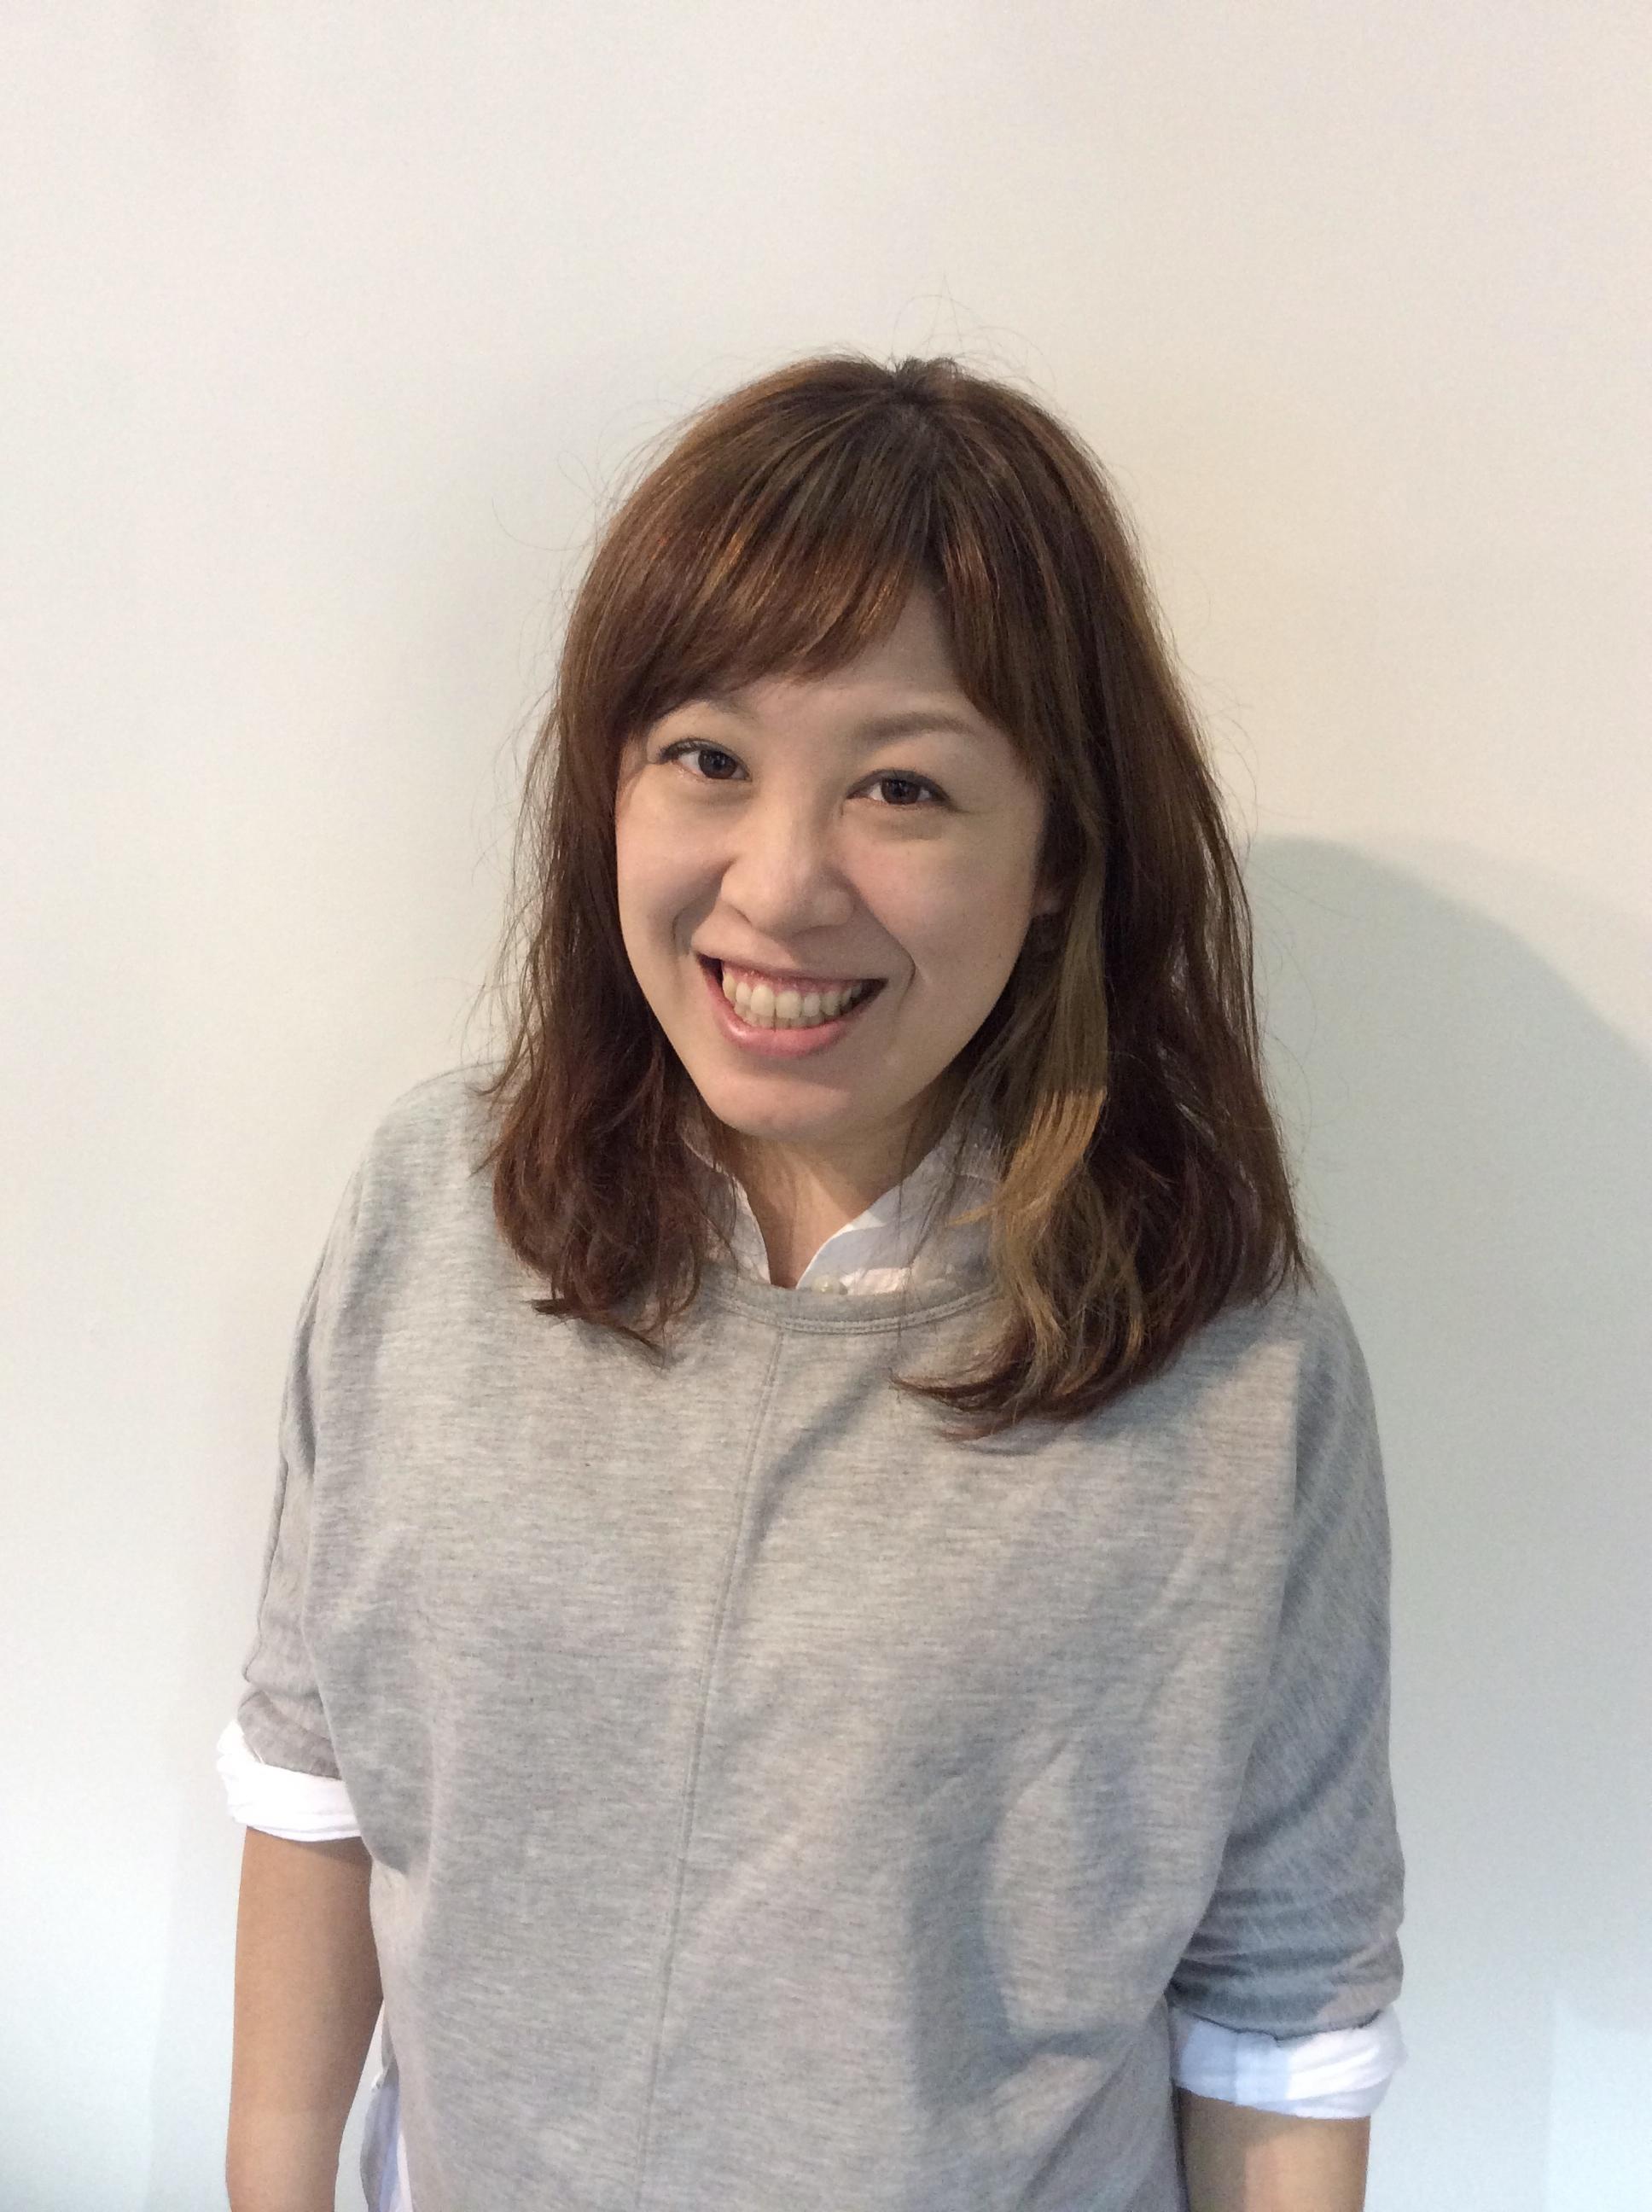 宇田川 暁子(うださん)